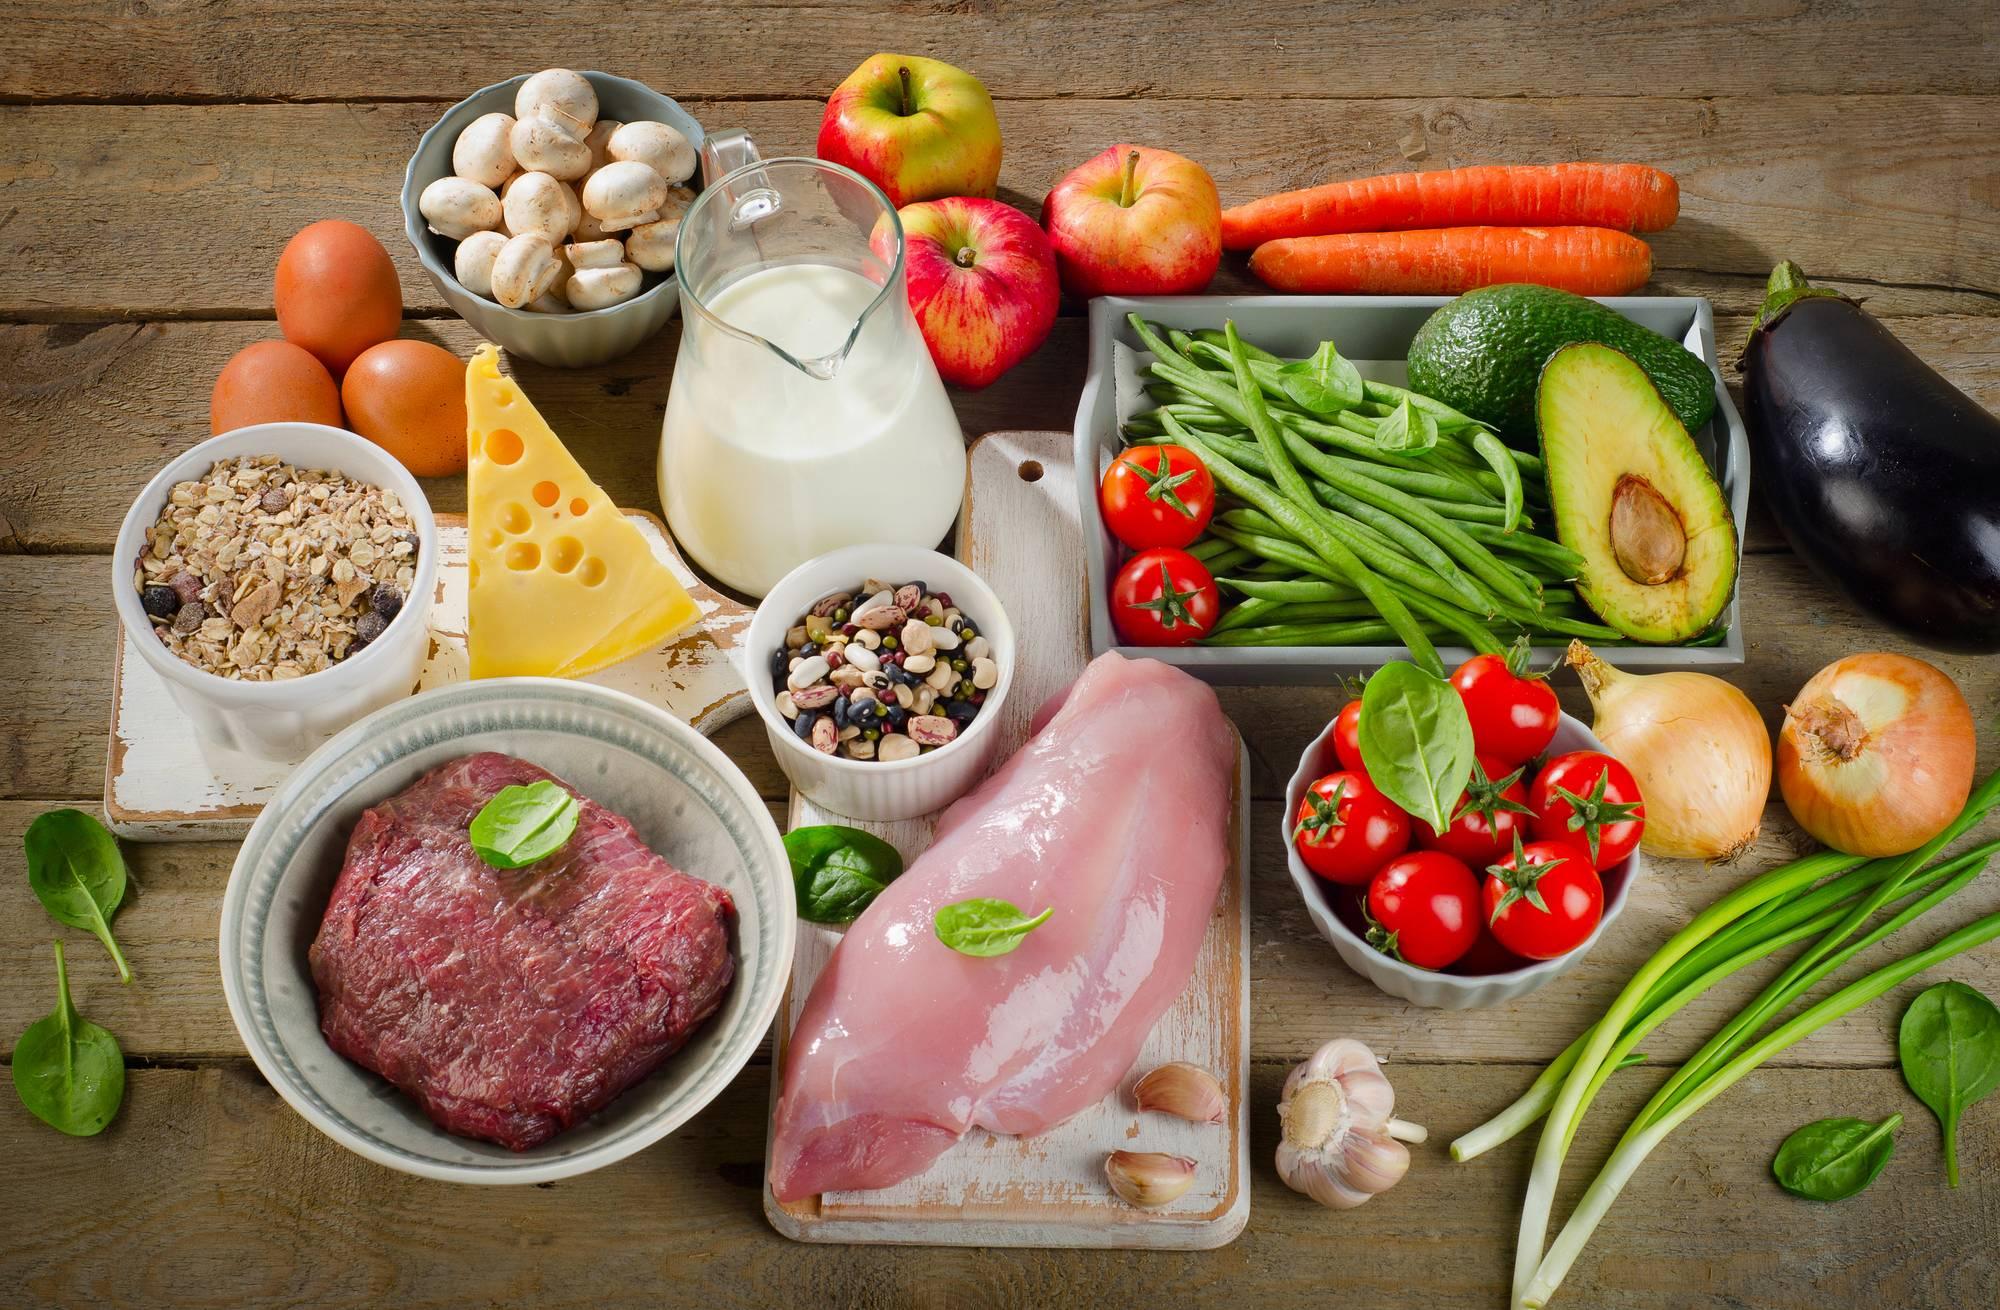 Натуральное питание для кошек: чем кормить котов в домашних условиях? правила кормления натуральным кормом. рецепты пищи для кошек